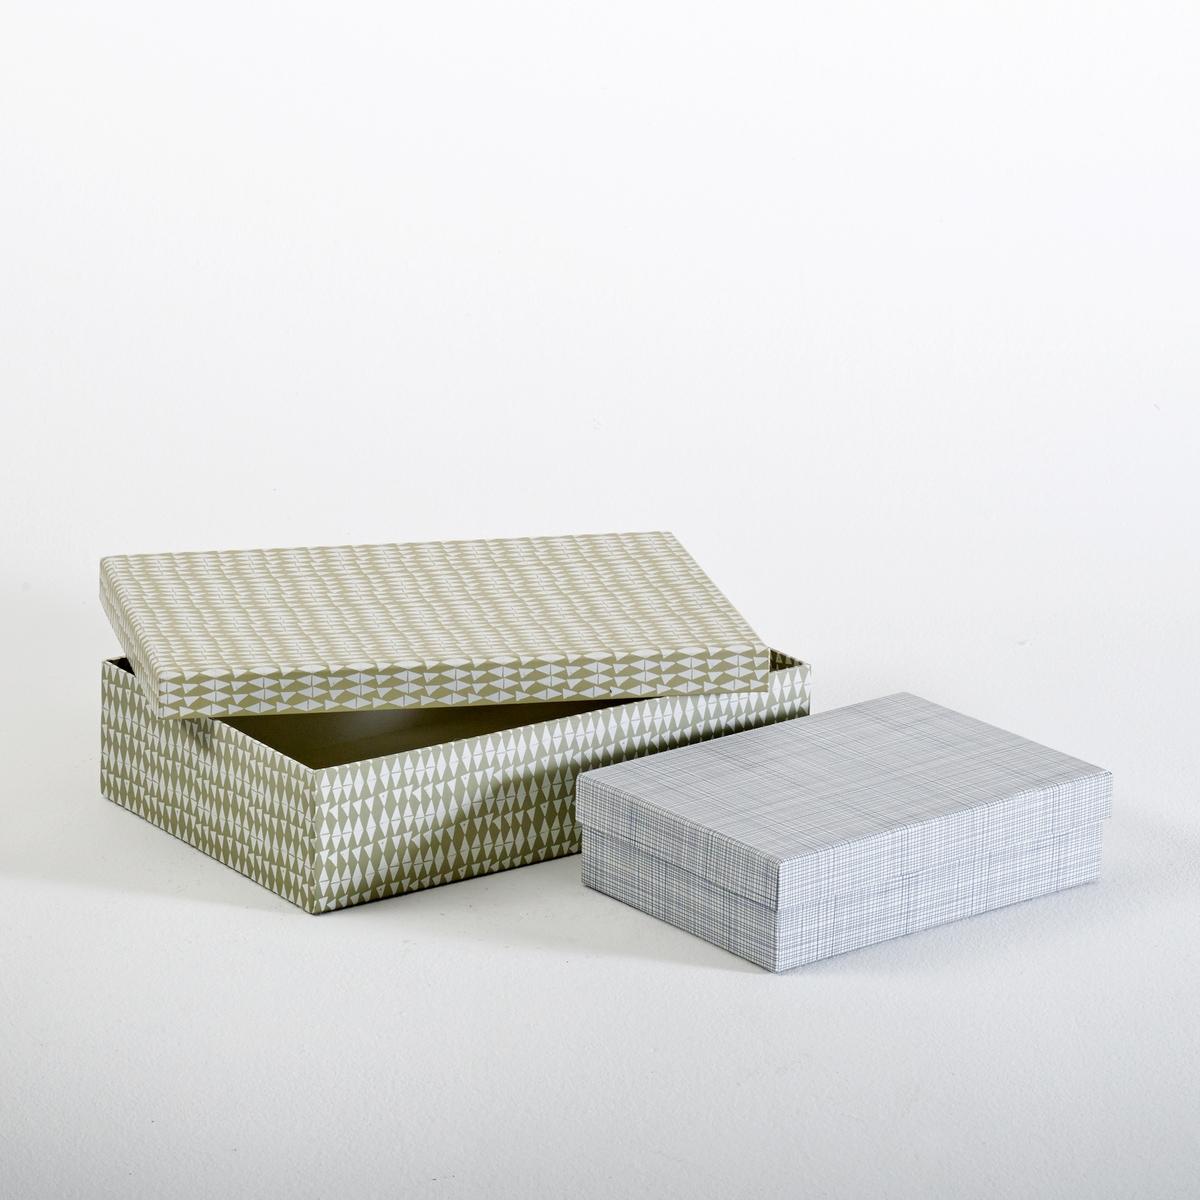 2 короба для вещейПолезные и декоративные коробы для хранения вещей  .Описание коробов для вещей :Декоративный принт : геометрические микро-мотивы Характеристики коробов для вещей :100% картон С крышкойРазмеры коробов для вещей :Короб 1 : 35 x 23 x 8.5 см Короб 2 : 24.5 x 17 x 6.5 см<br><br>Цвет: разноцветный<br>Размер: единый размер